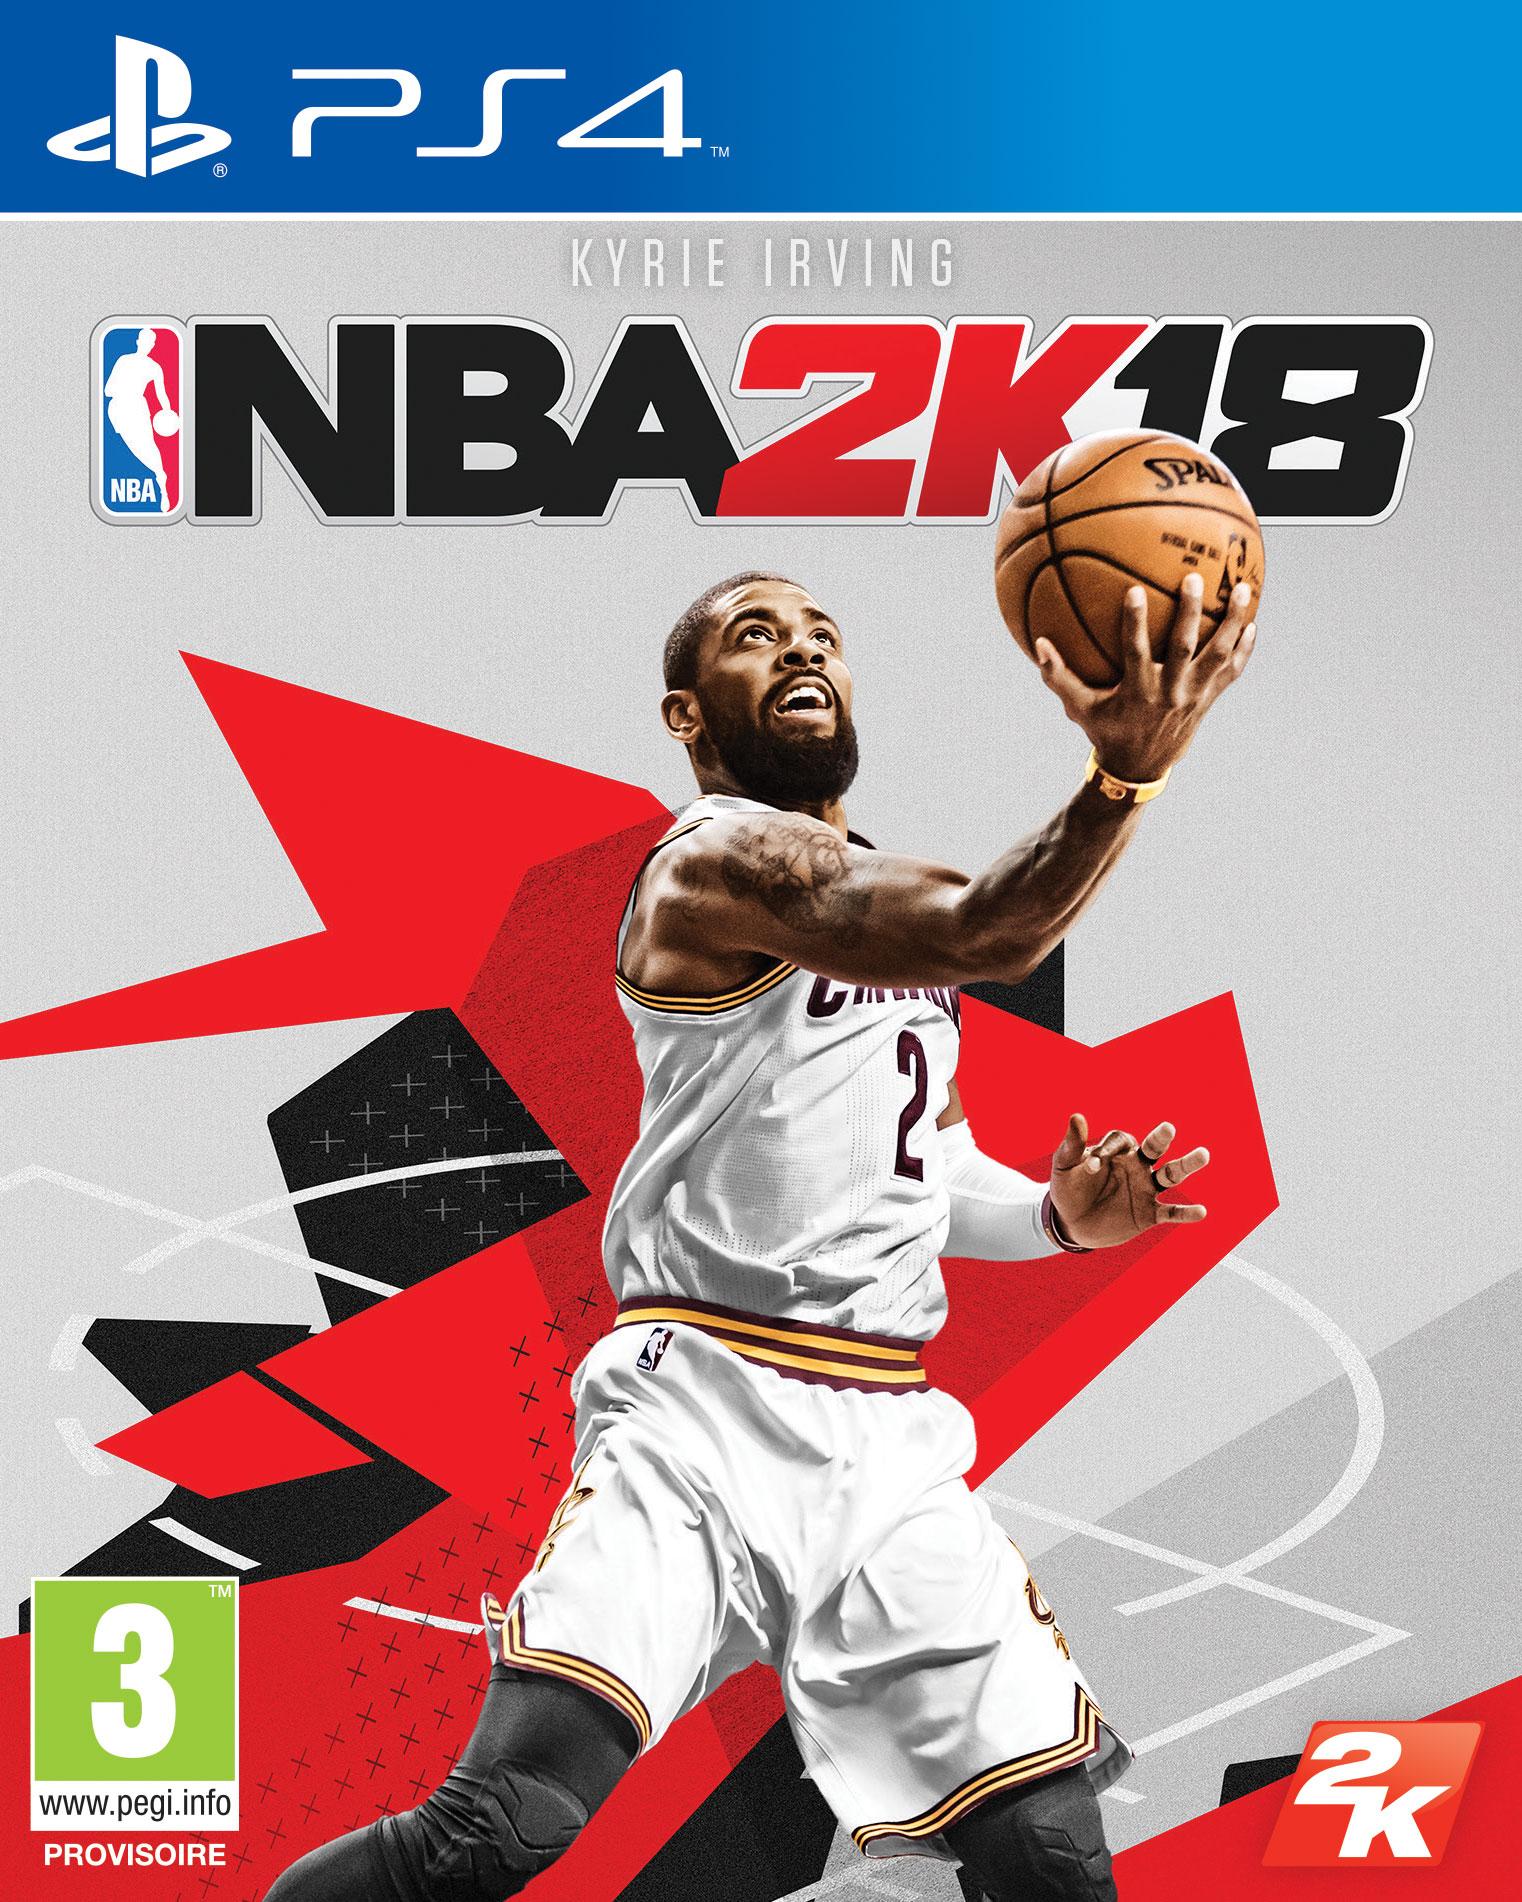 Kyrie Irving sera en couverture de NBA 2K18 - La Sueur